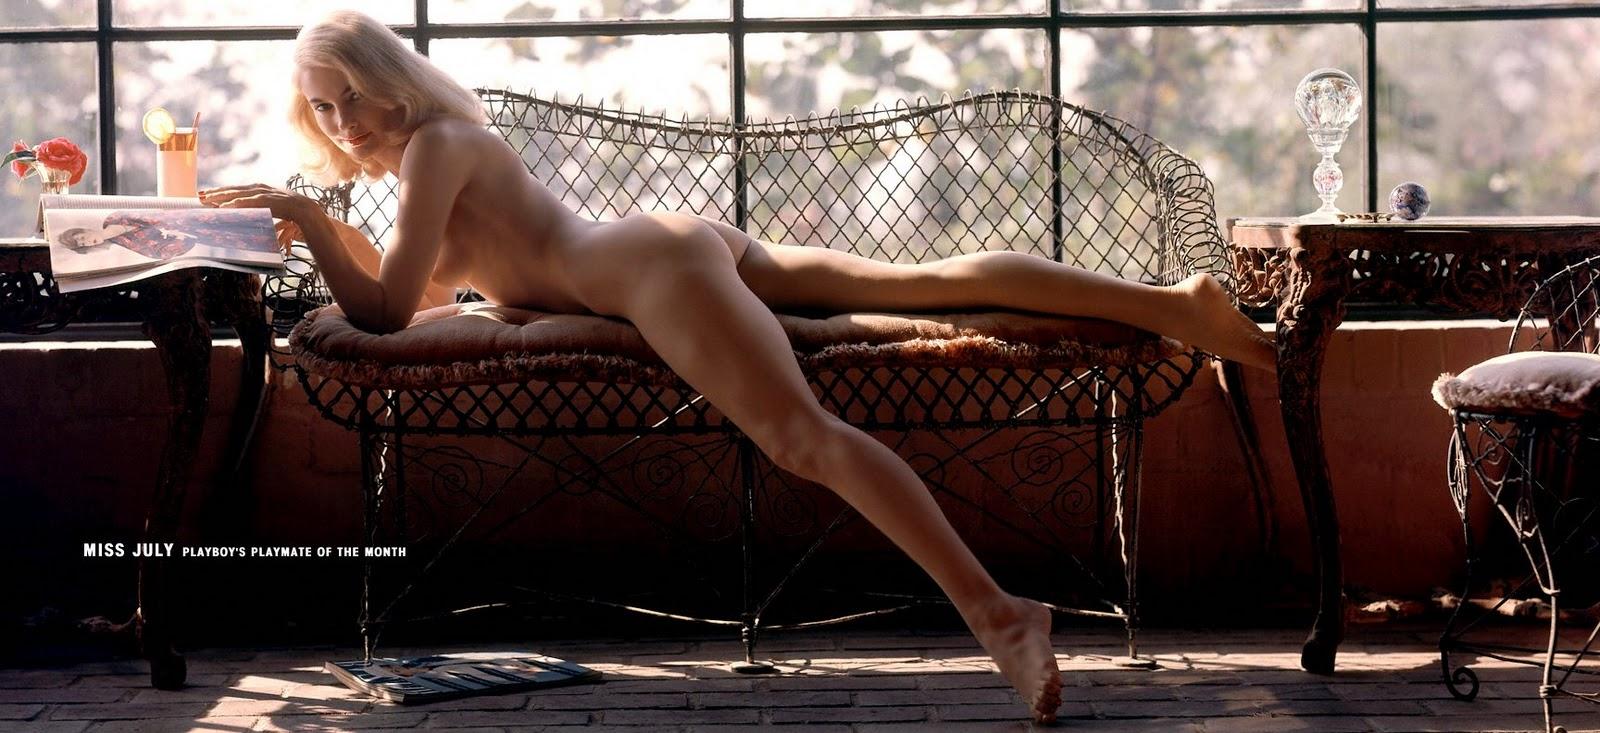 Ретро фото моделей из плейбой 6 фотография